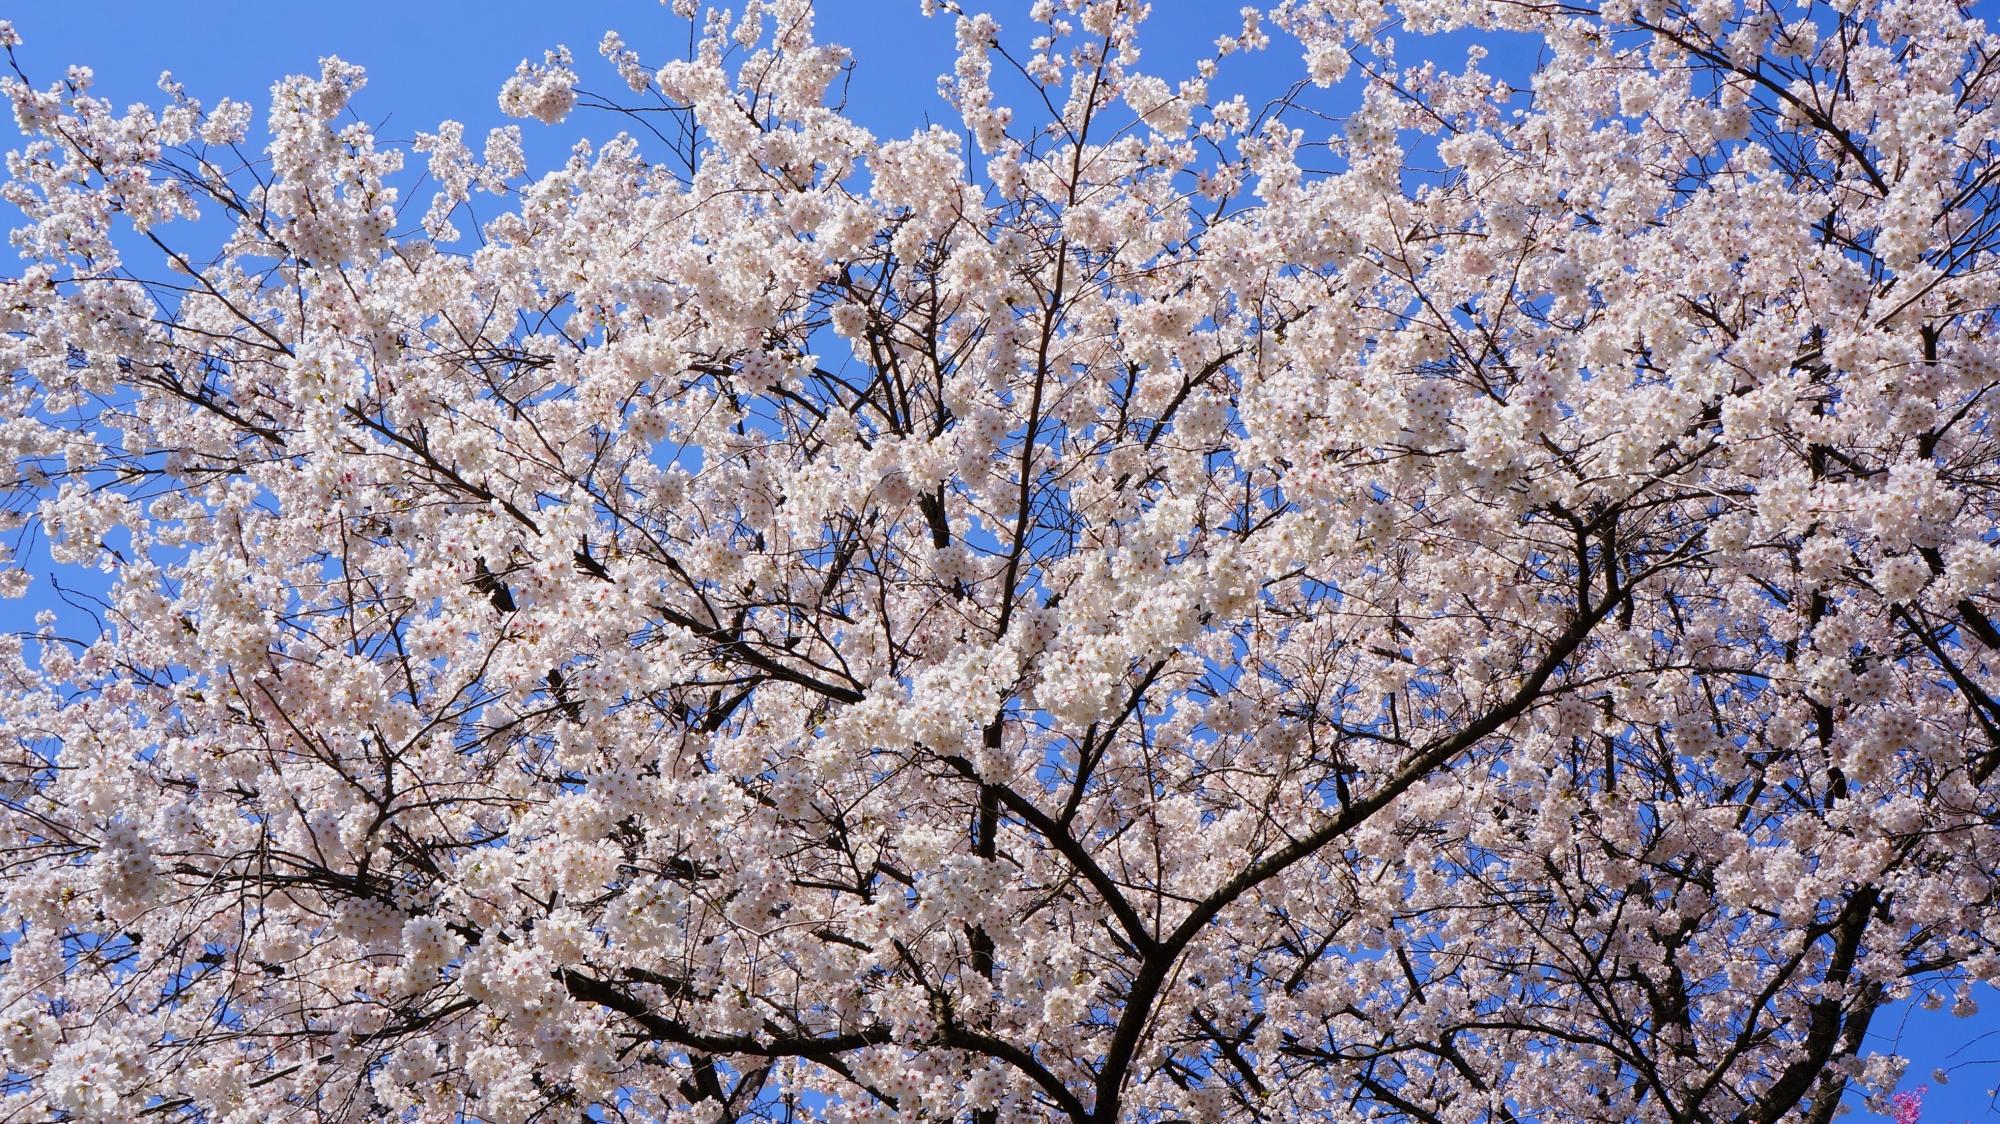 青空を華やかな白に染める見事なソメイヨシノ